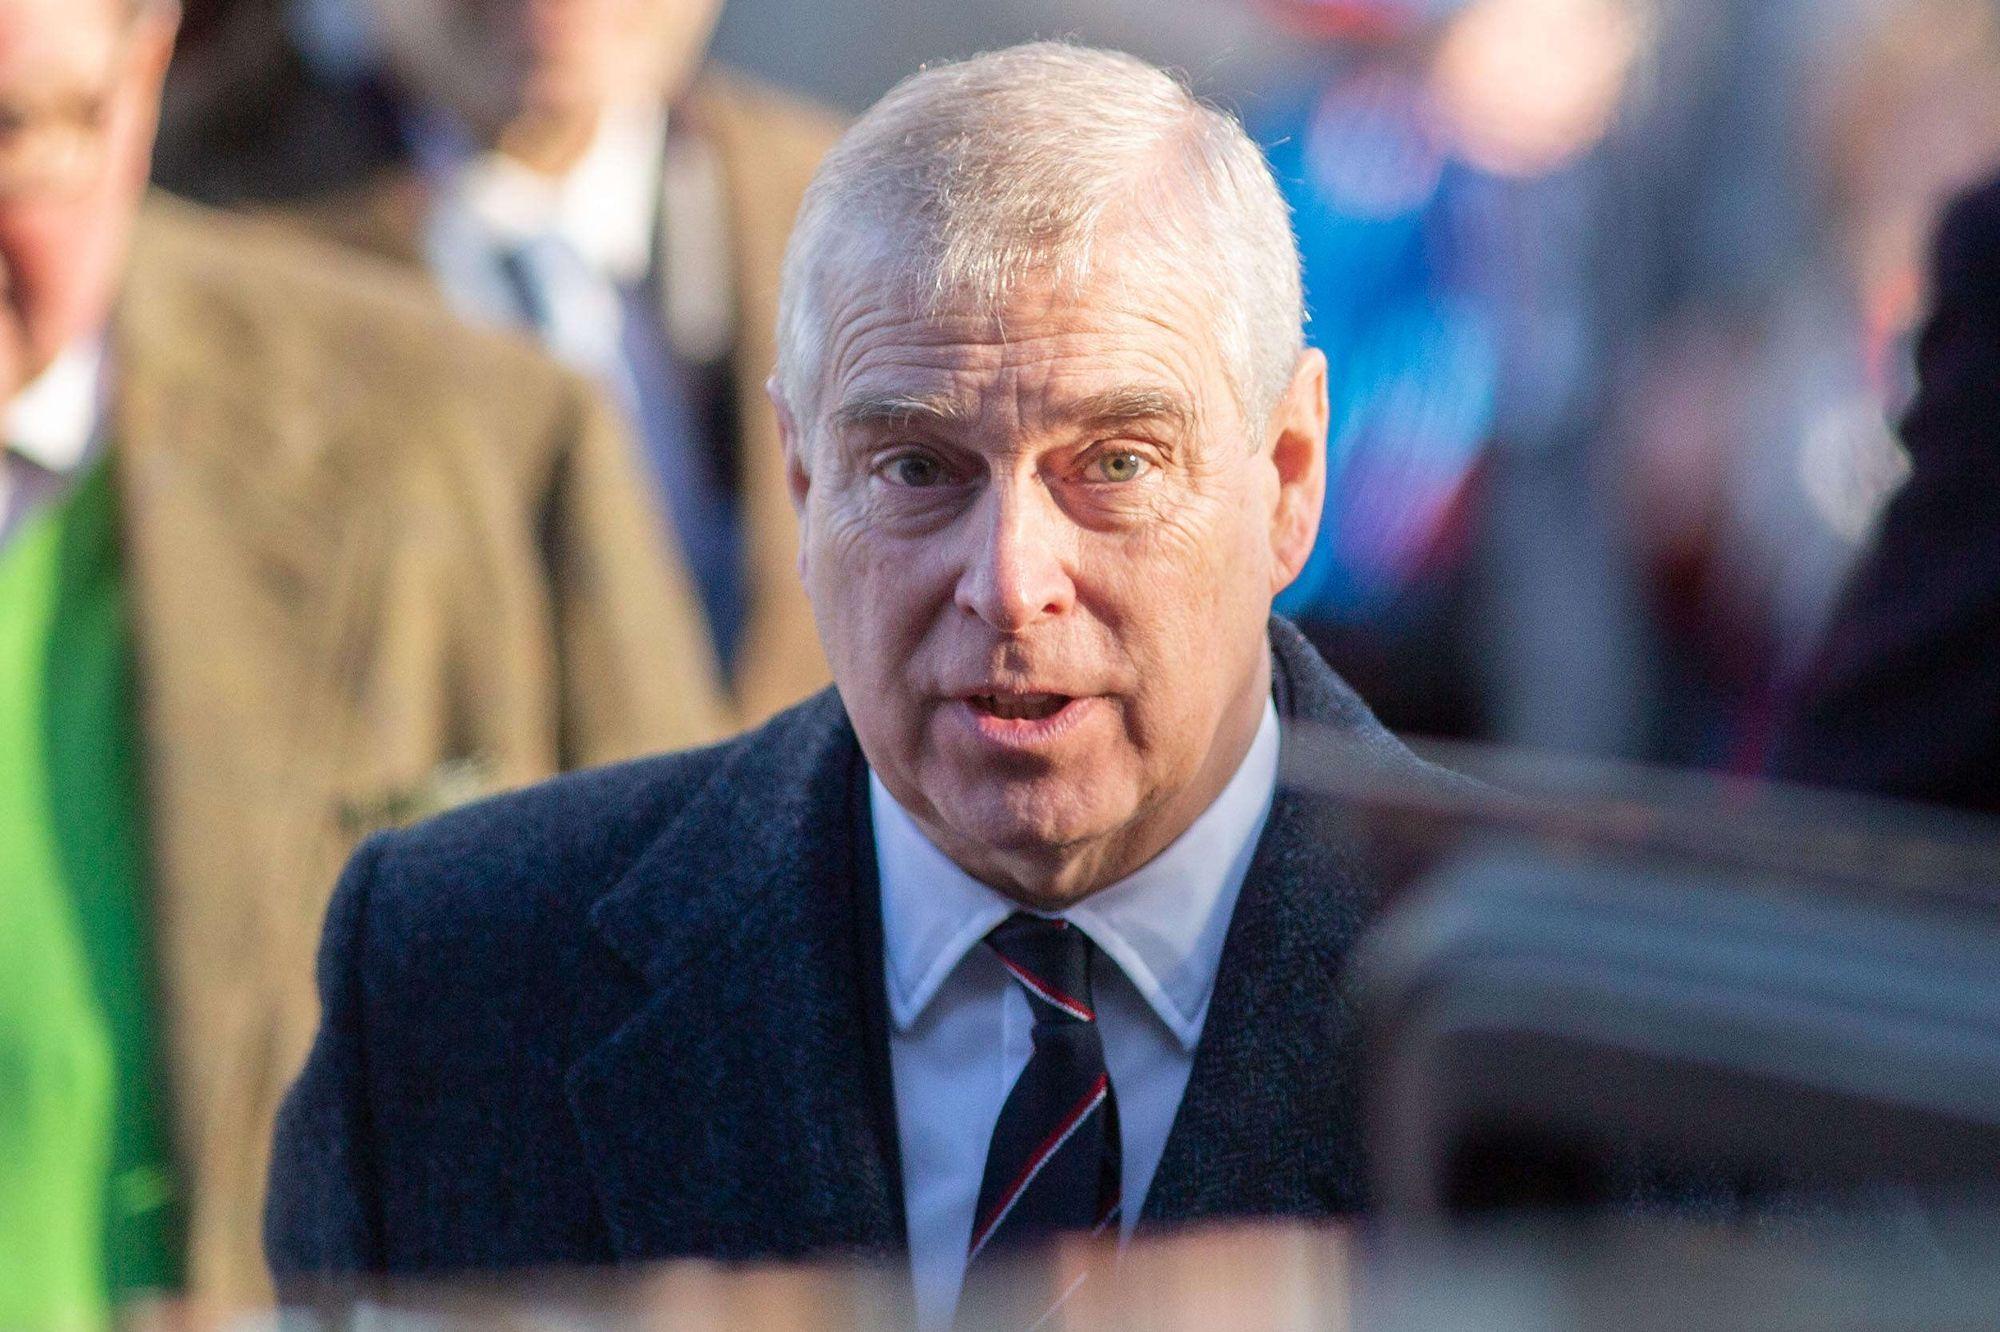 Le prince Andrew rappelé à l'ordre dans l'affaire Epstein